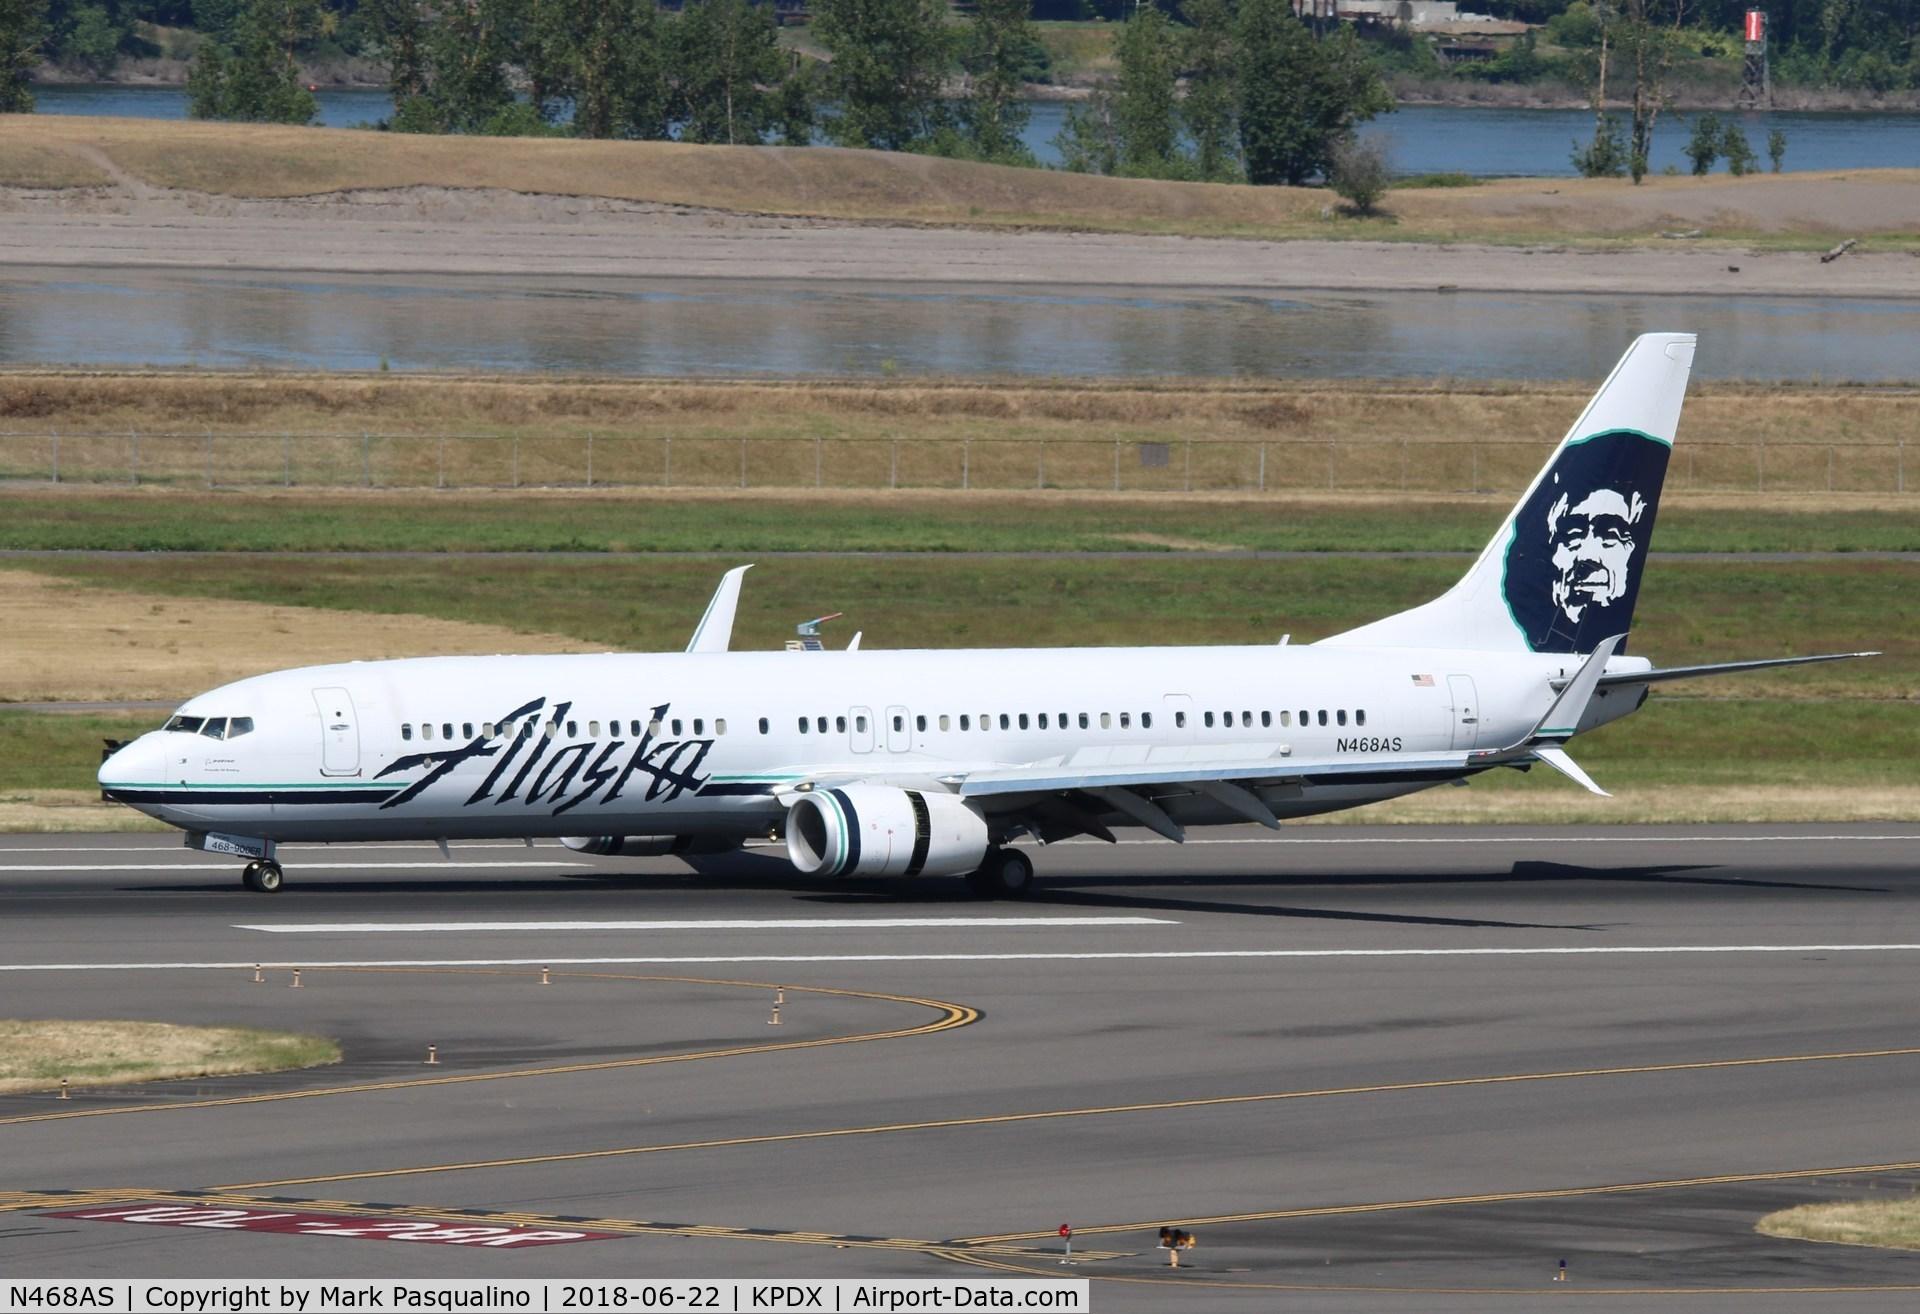 N468AS, 2014 Boeing 737-990/ER C/N 41735, Boeing 737-900ER